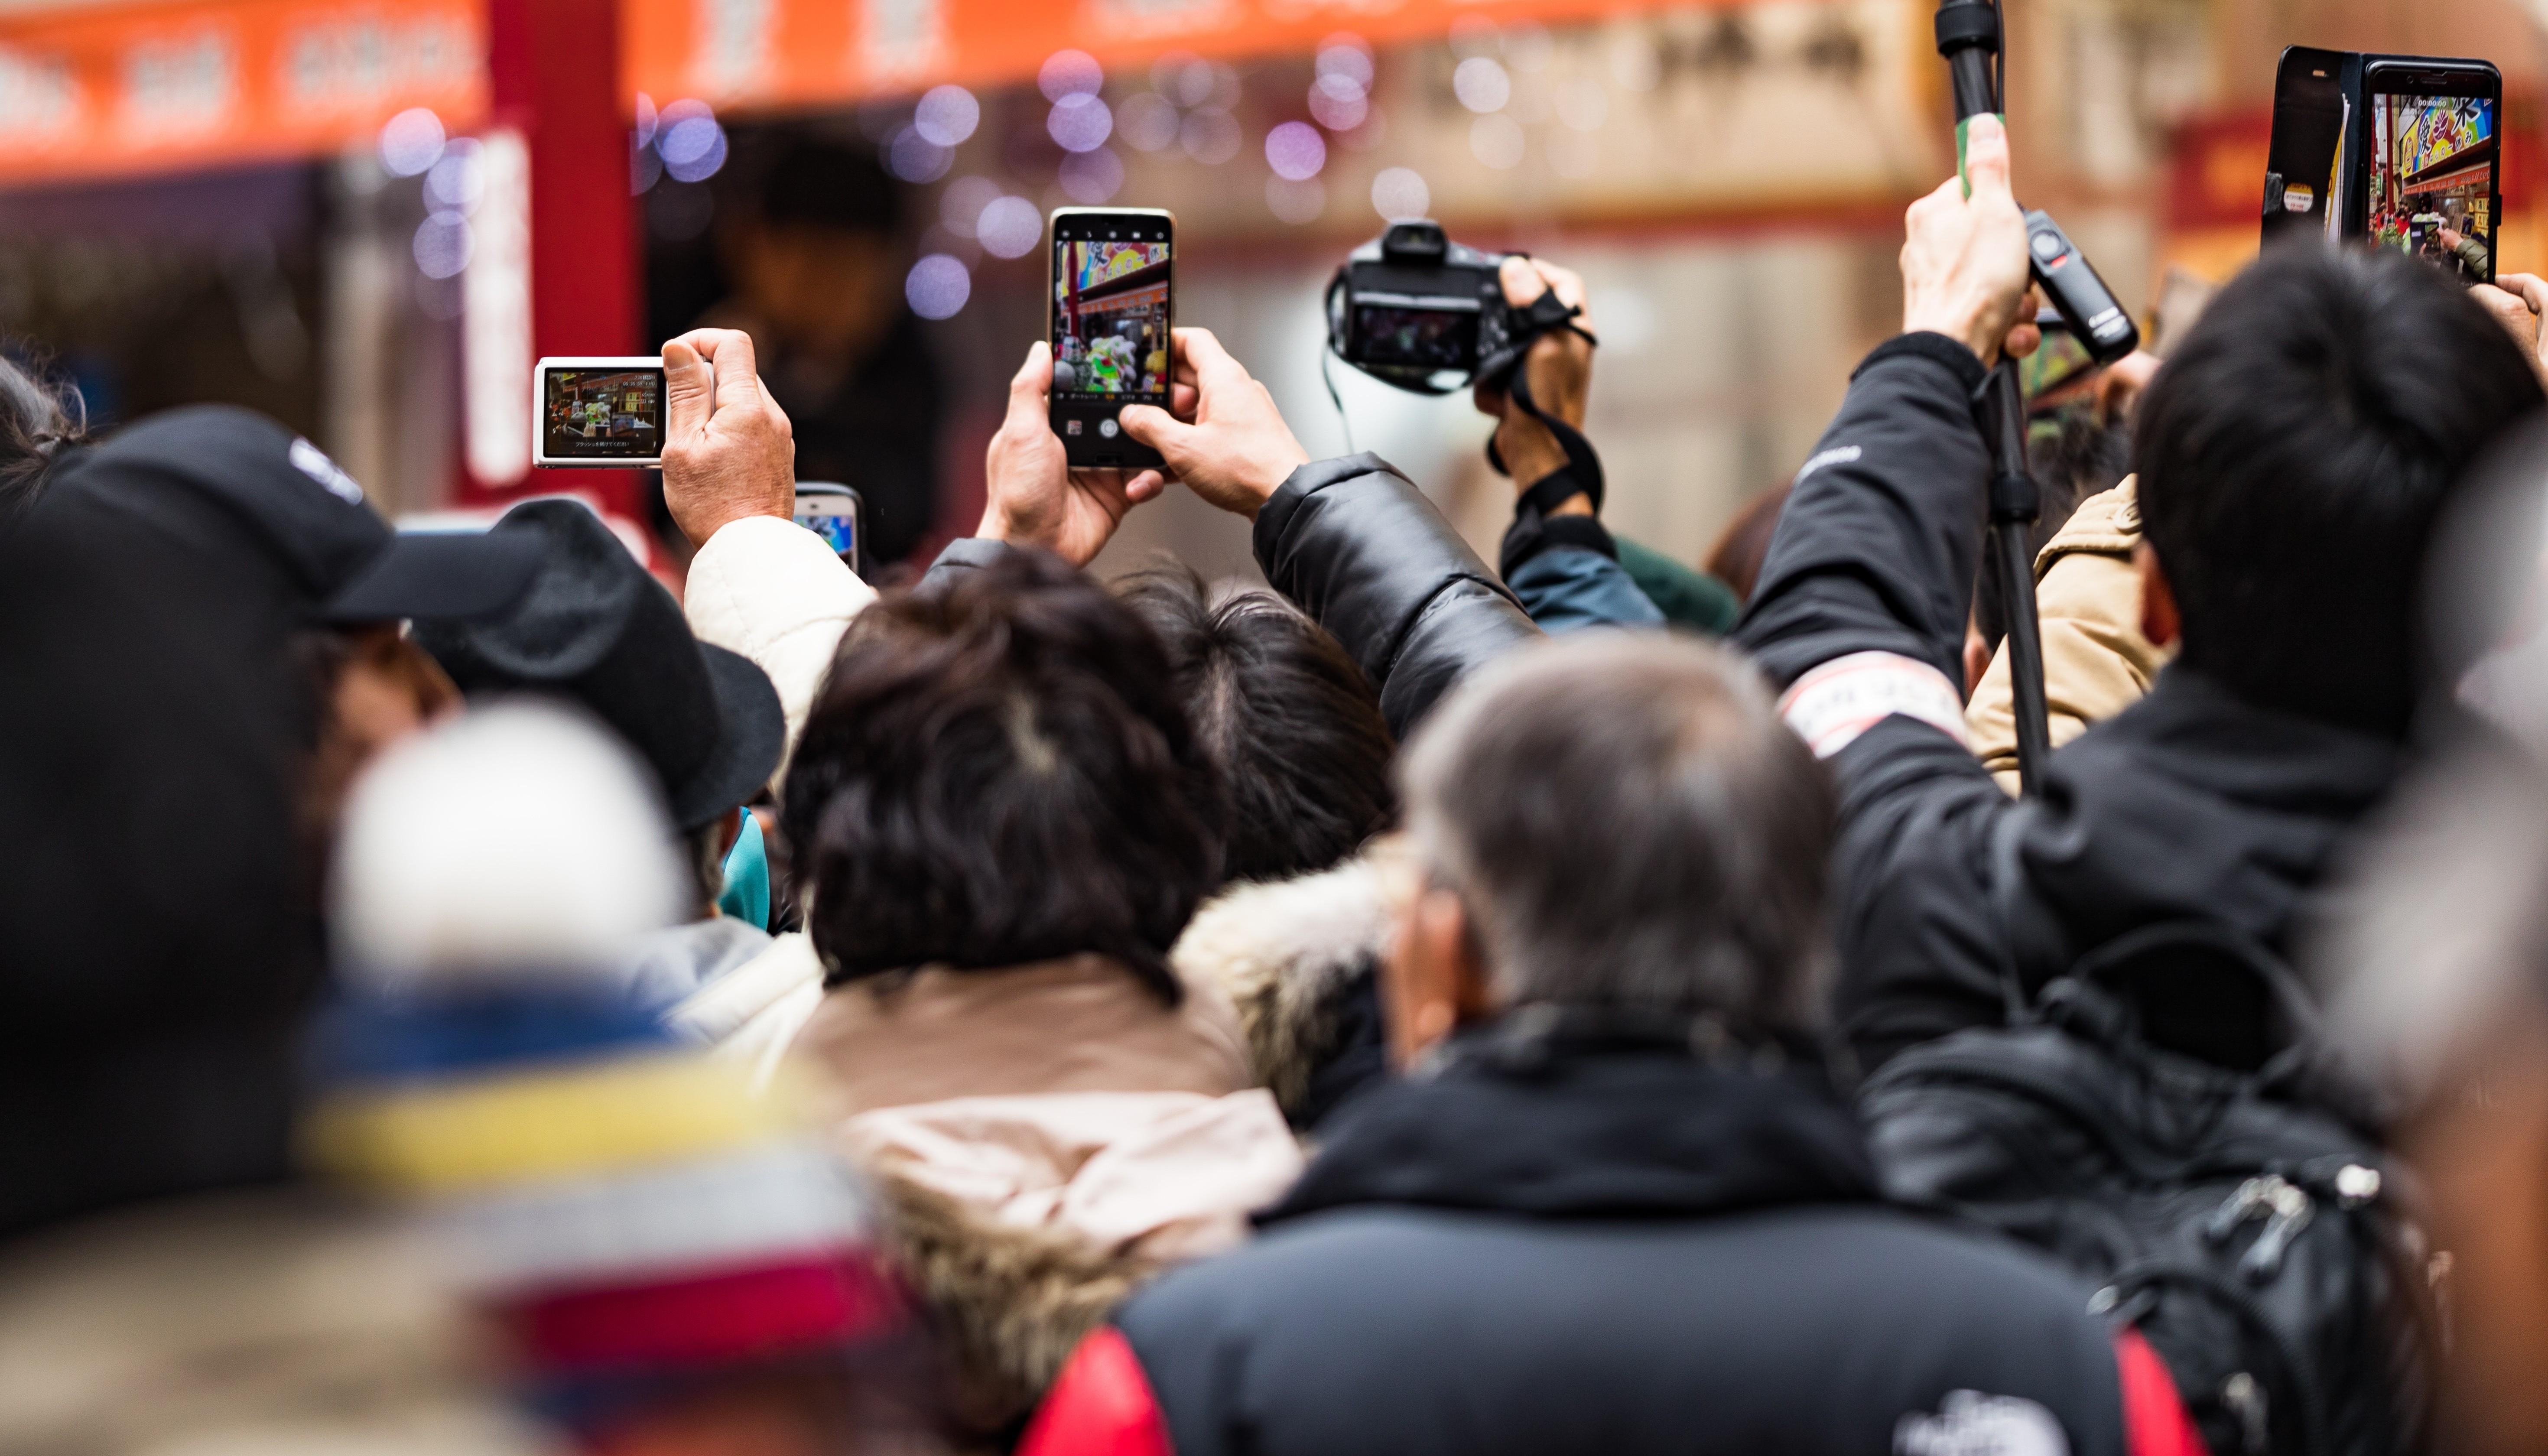 影音,市場,企業經營,創作,新媒體,數位化,品牌,攝影